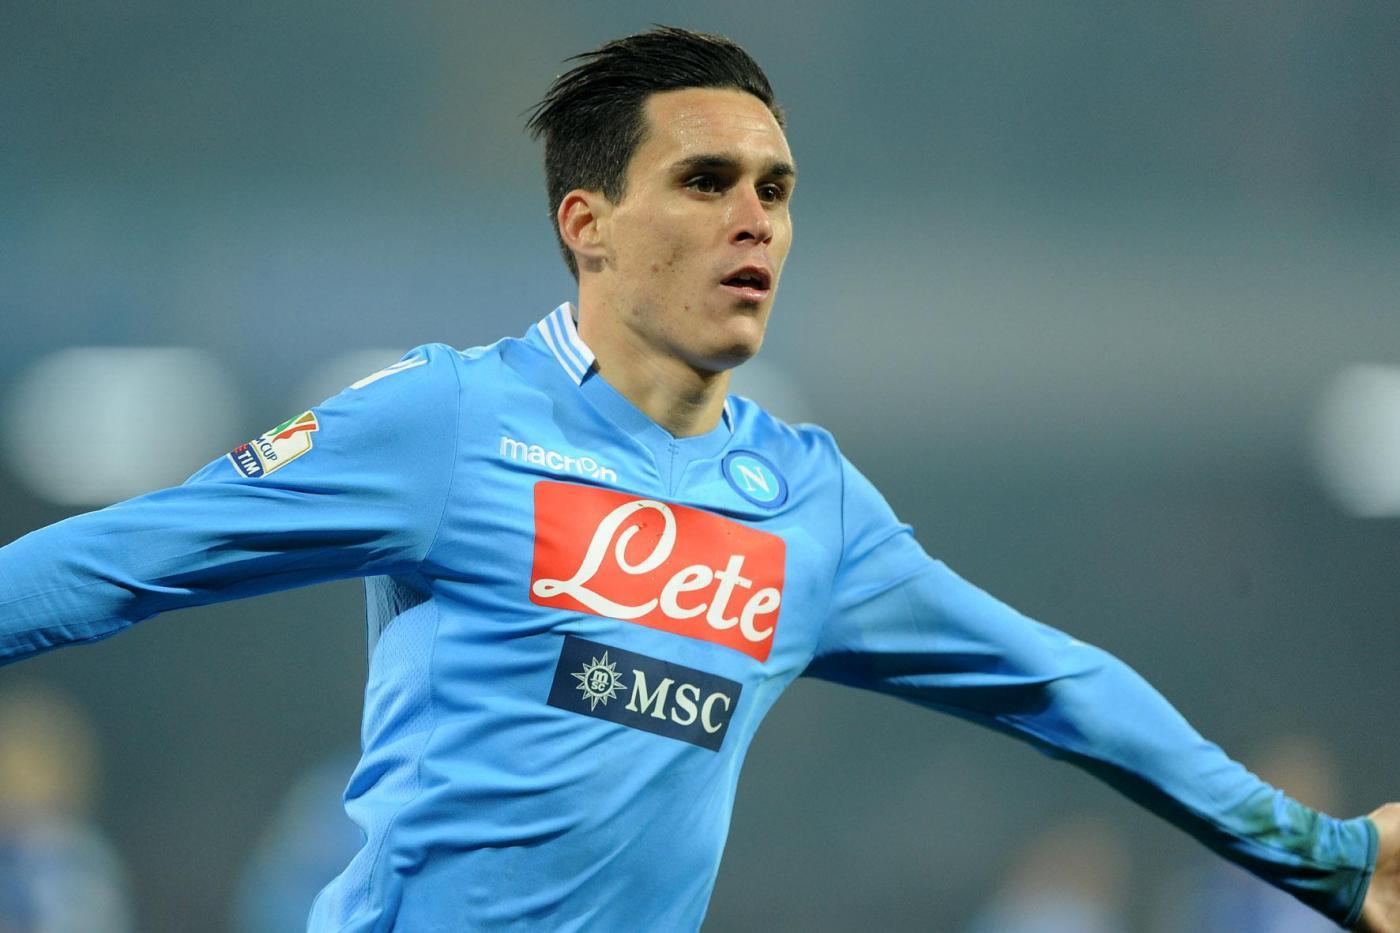 Fiorentina bloccata, successi per le romane. Risorge il Verona, vince il Toro. Posticipo: Napoli – Juventus 2-0